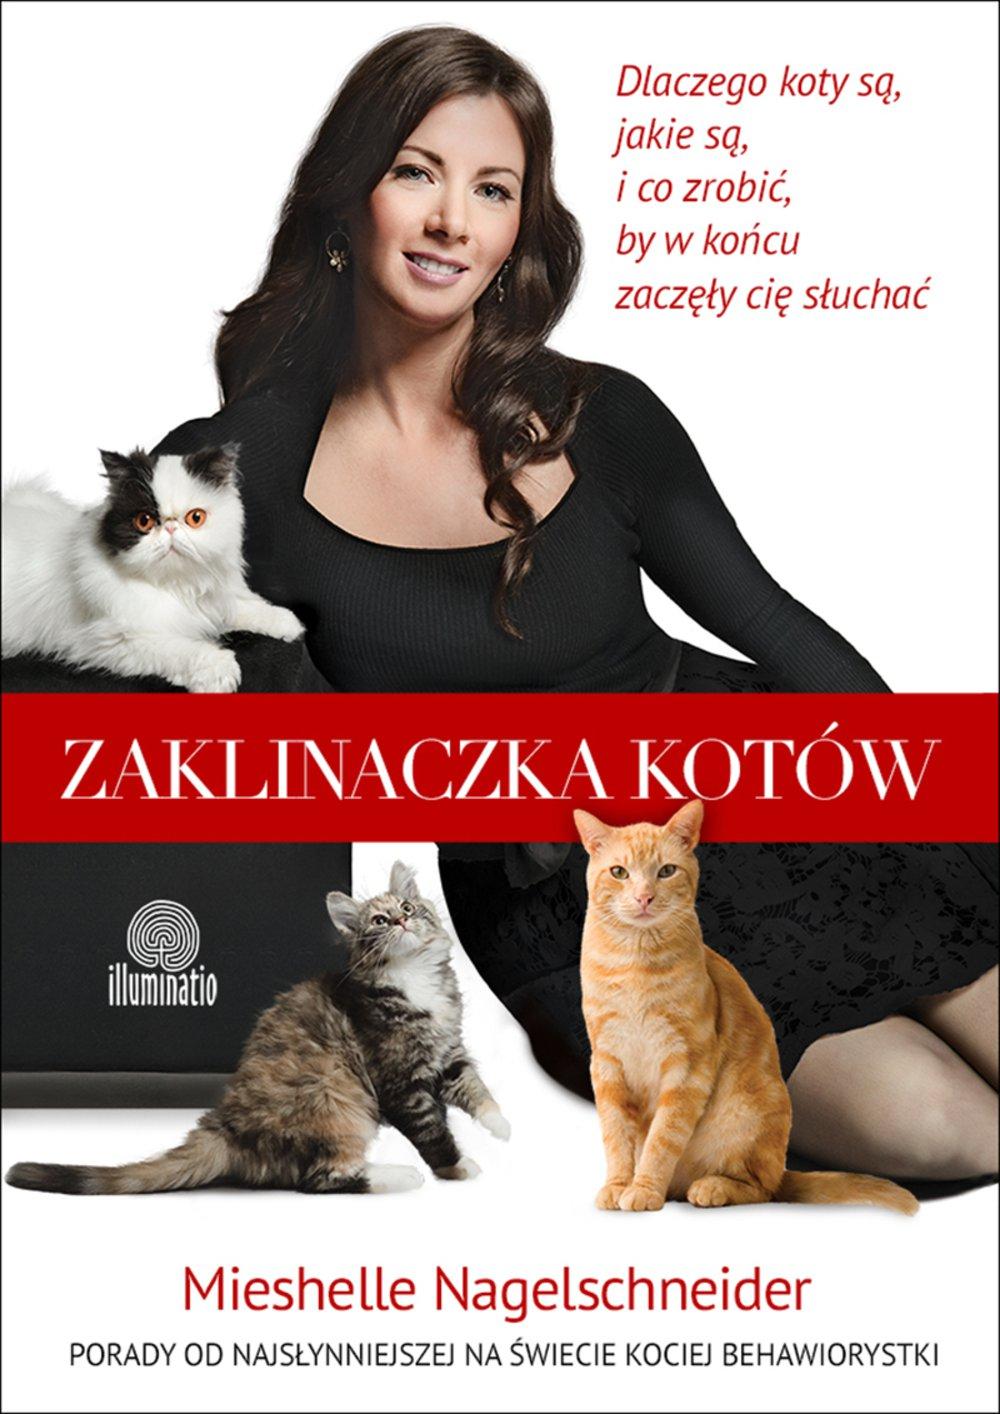 Zaklinaczka kotów. Dlaczego koty są, jakie są, i co zrobić, by w końcu zaczęły cię słuchać - Ebook (Książka EPUB) do pobrania w formacie EPUB